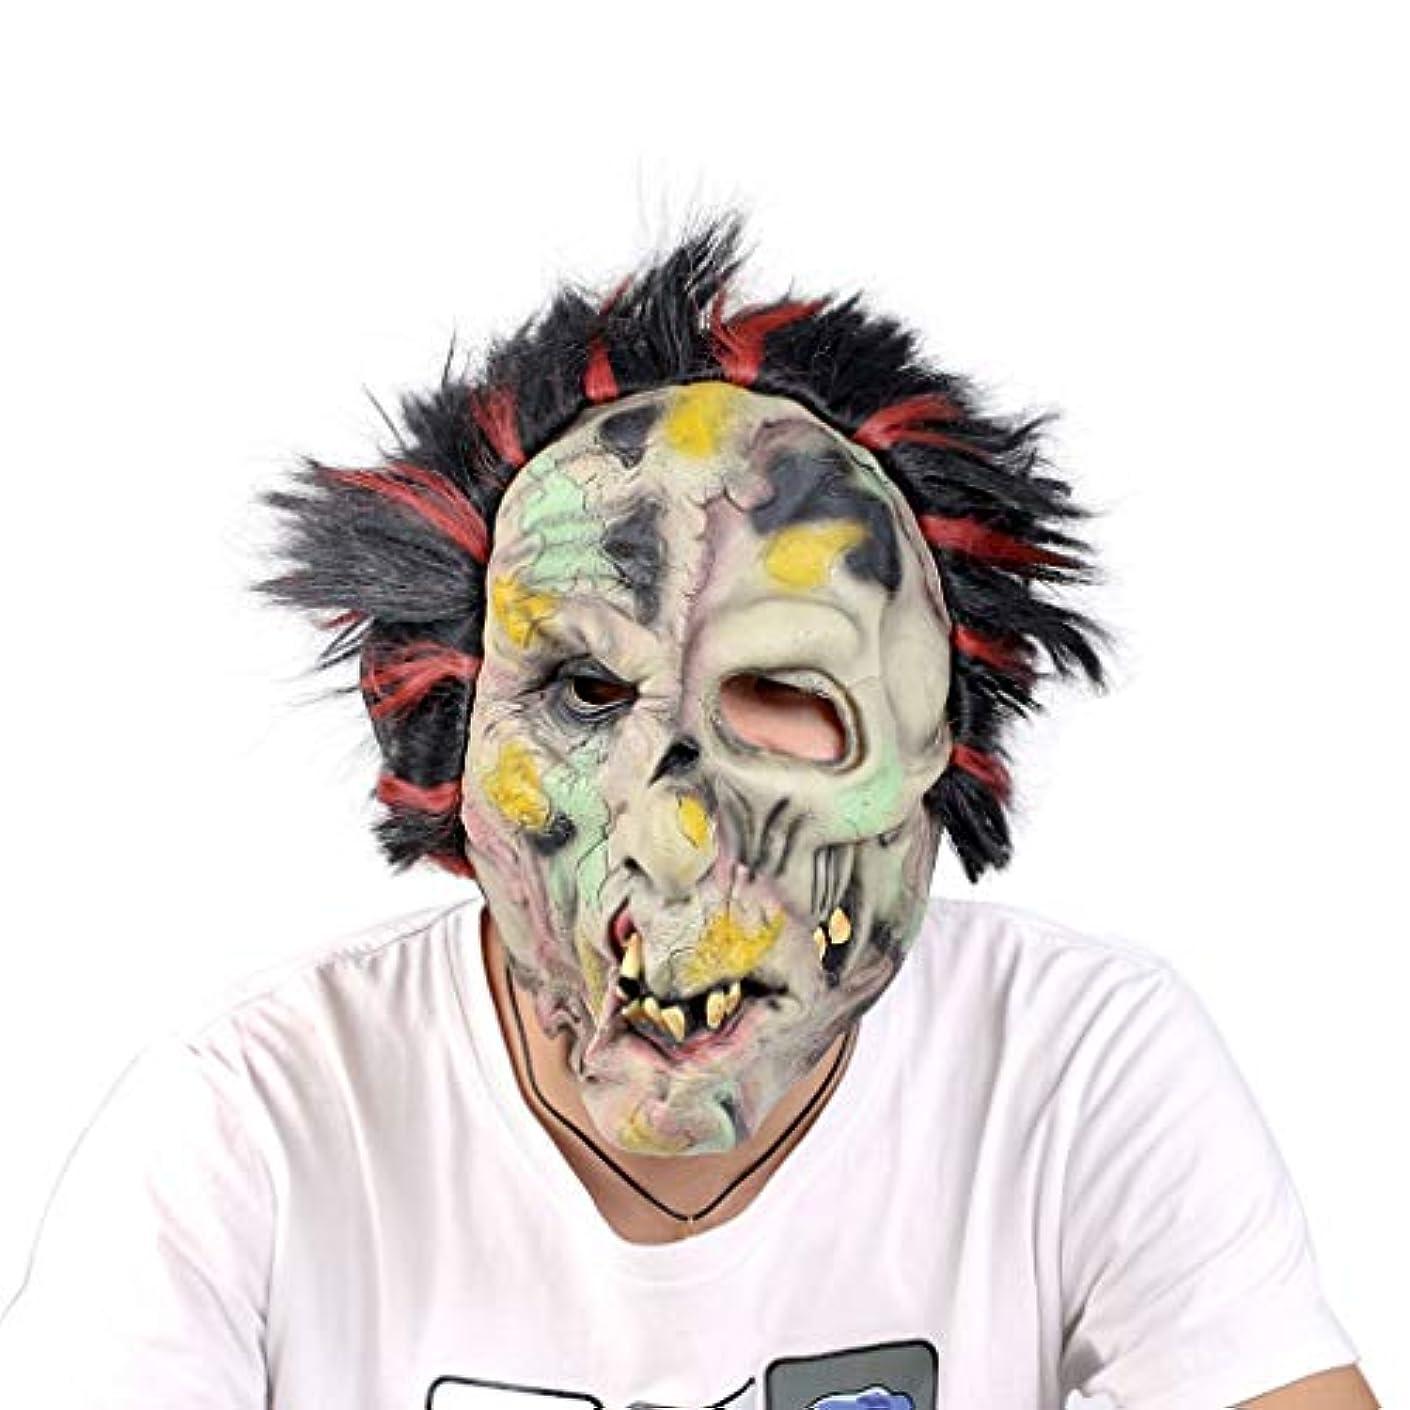 チロ回転する信仰ハロウィンホラーマスクお化け屋敷秘密の部屋アレンジメントパーティー映画撮影ホラー全体の人々トリッキーな怖いマスク